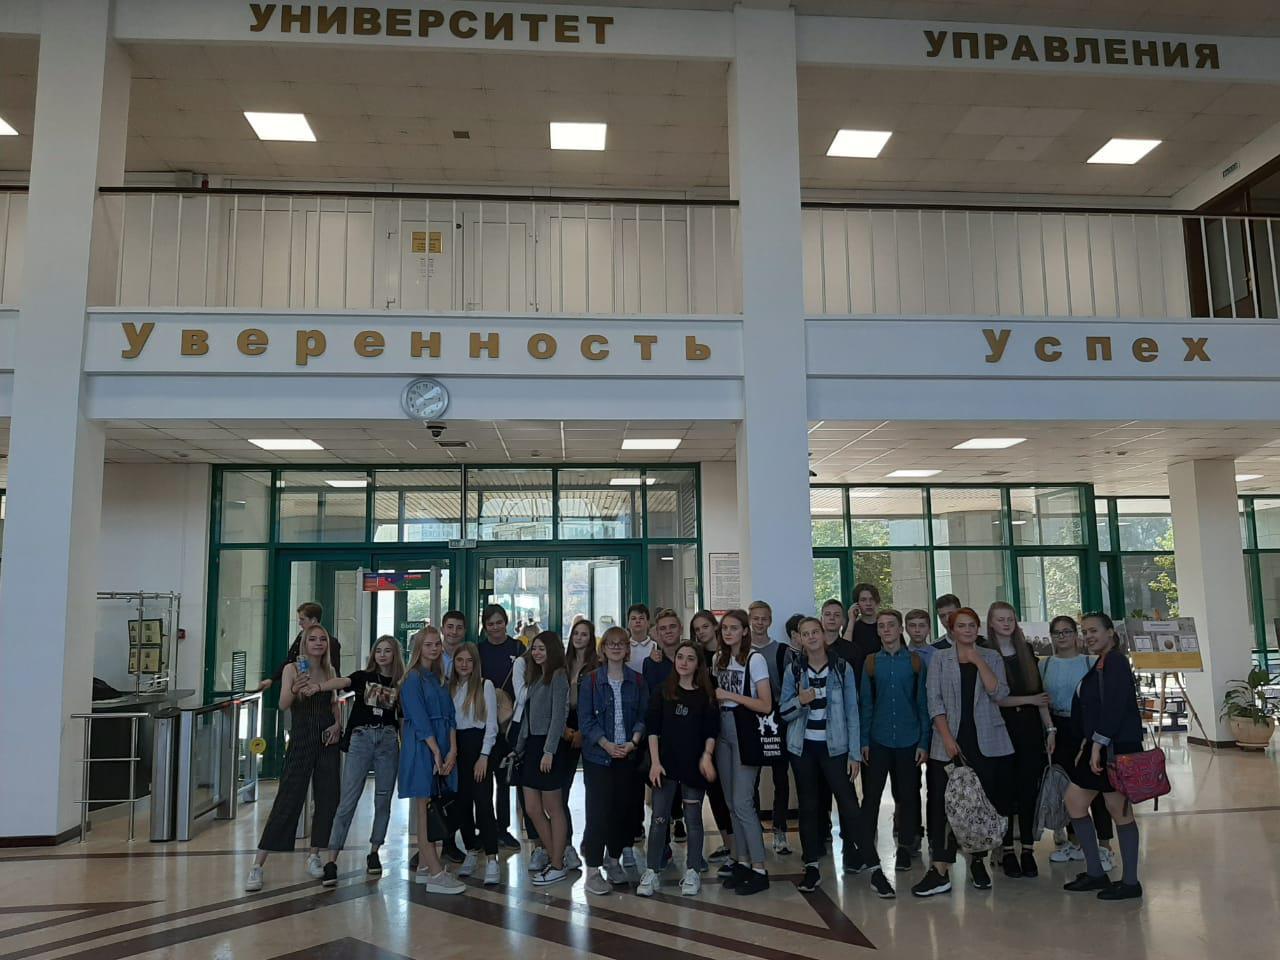 Учащиеся школы № 2048 будут посещать уроки в Государственном университете управления